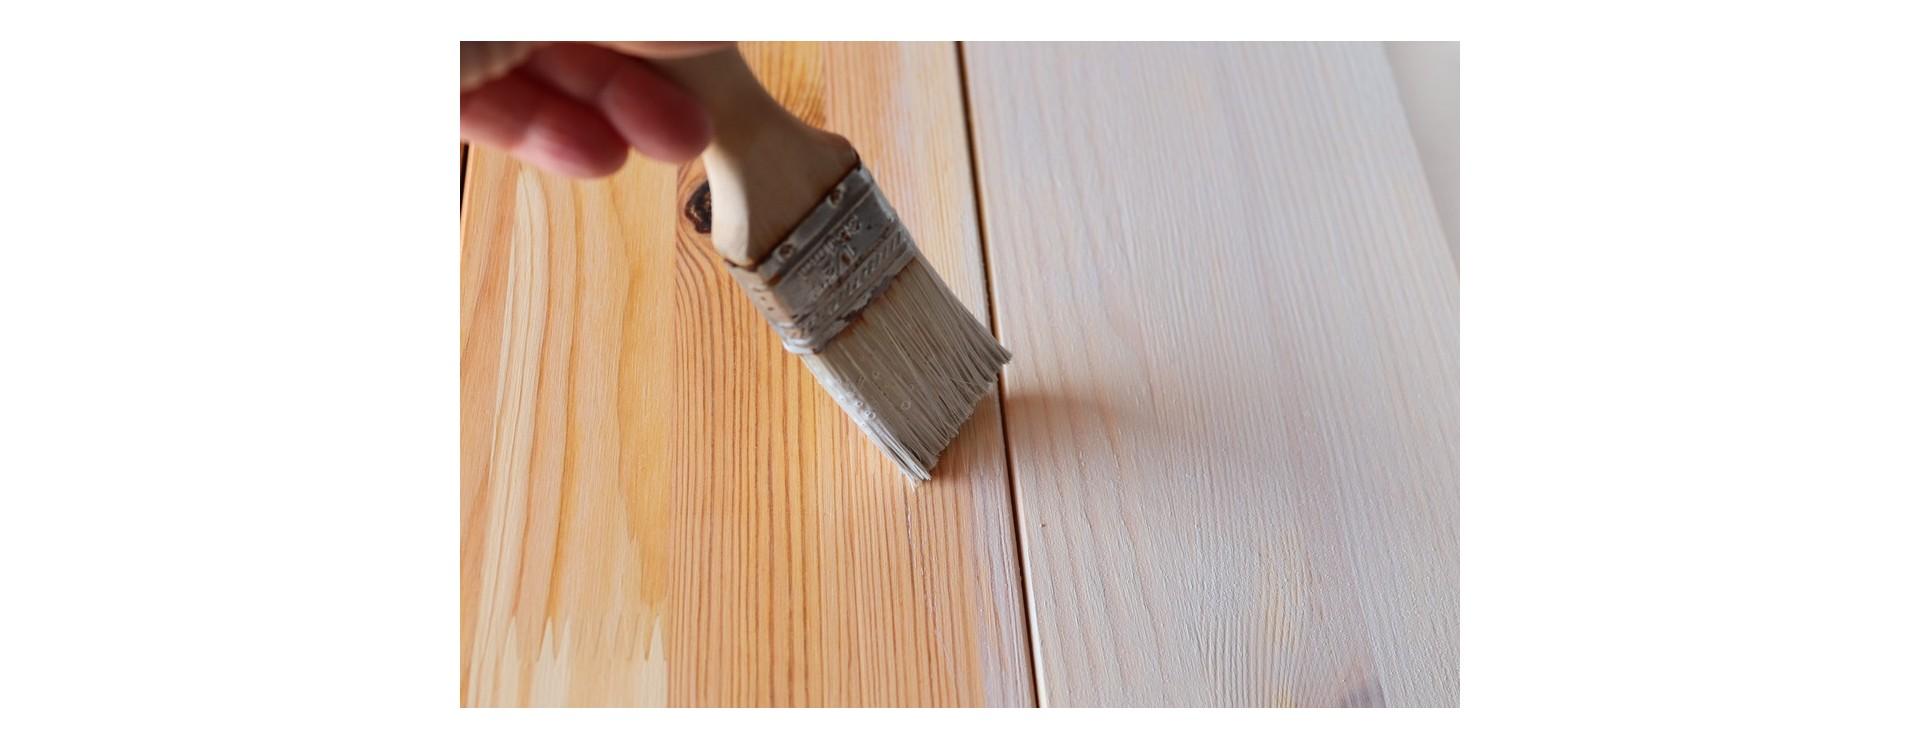 Come trattare il legno grezzo: prodotti e consigli pratici